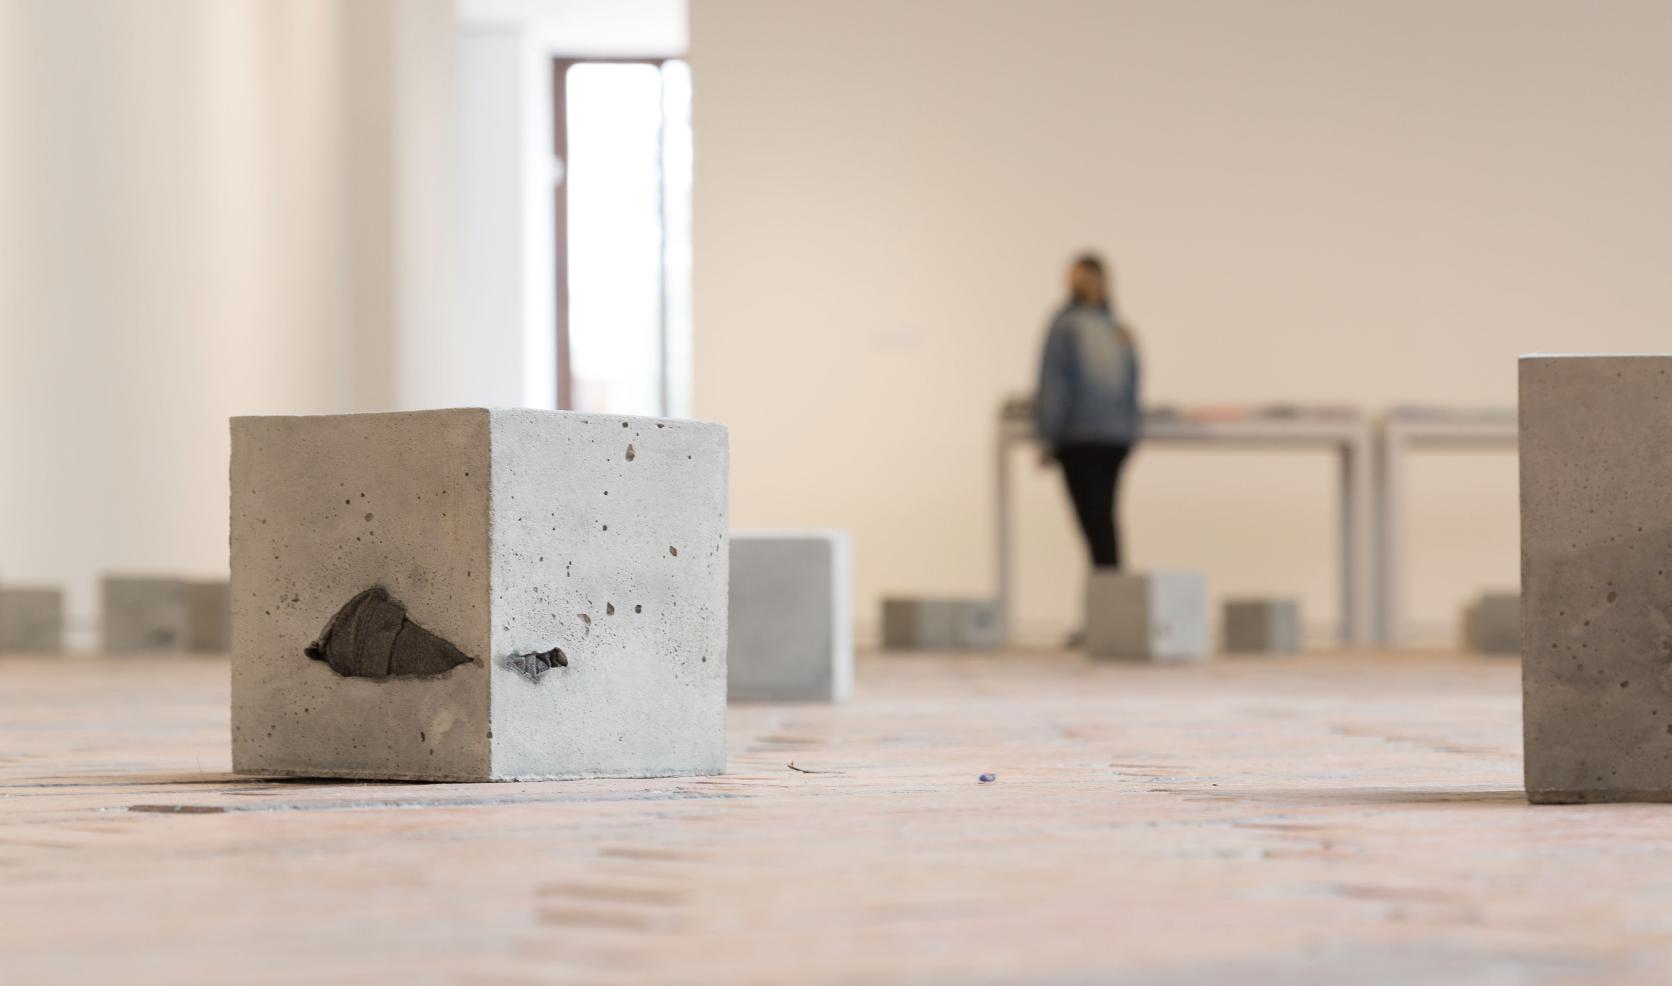 Sudor y significado: la obra de Teresa Margolles y la materialidad de las crisis